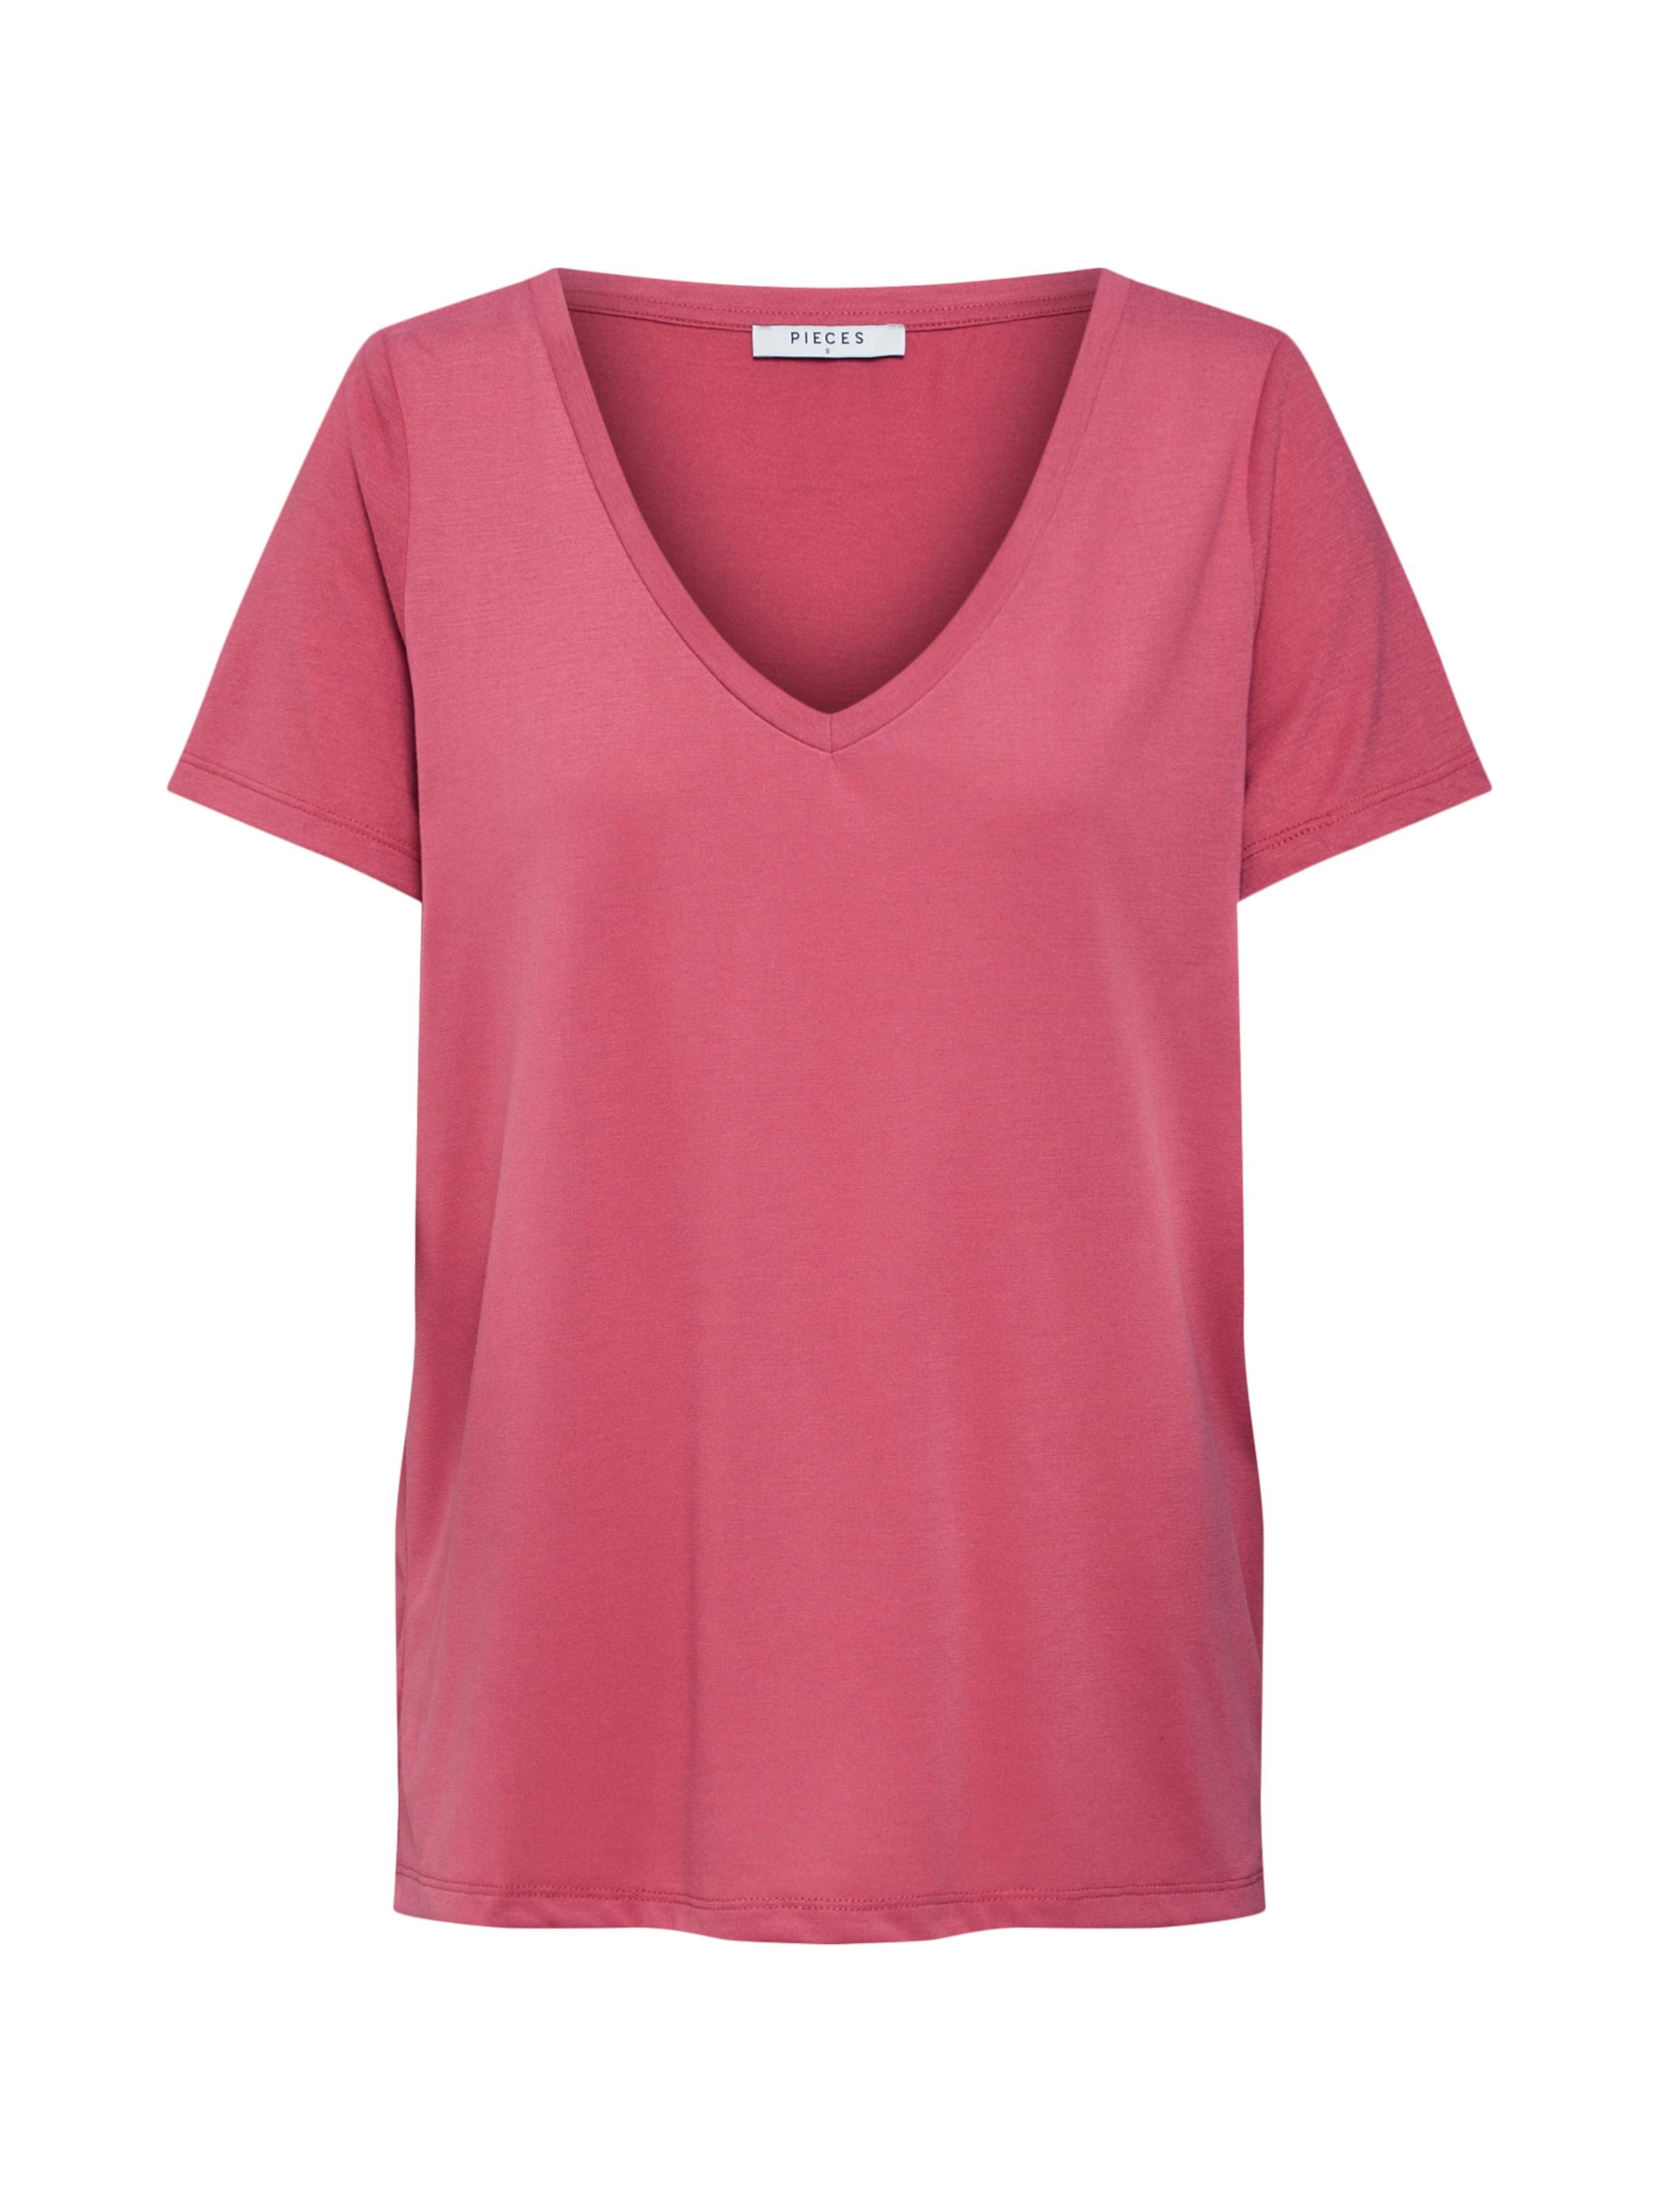 Noos' Foncé T Pieces Rose En 'lucy shirt dxeorBC